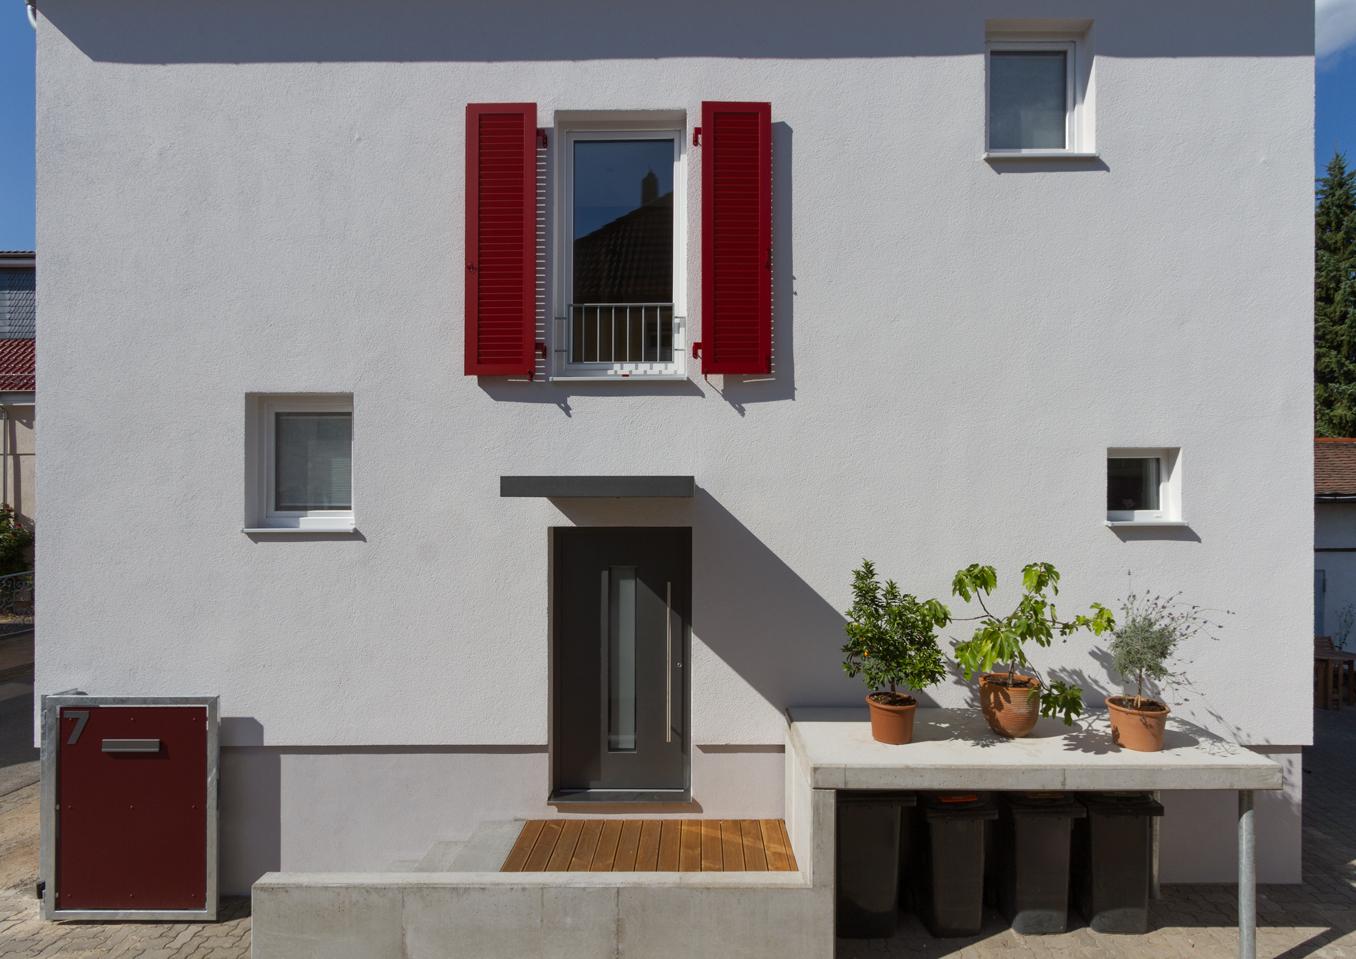 Doppelhaushälfte Sanieren sanierung einer doppelhaushälfte in darmstadt | bialucha architektur